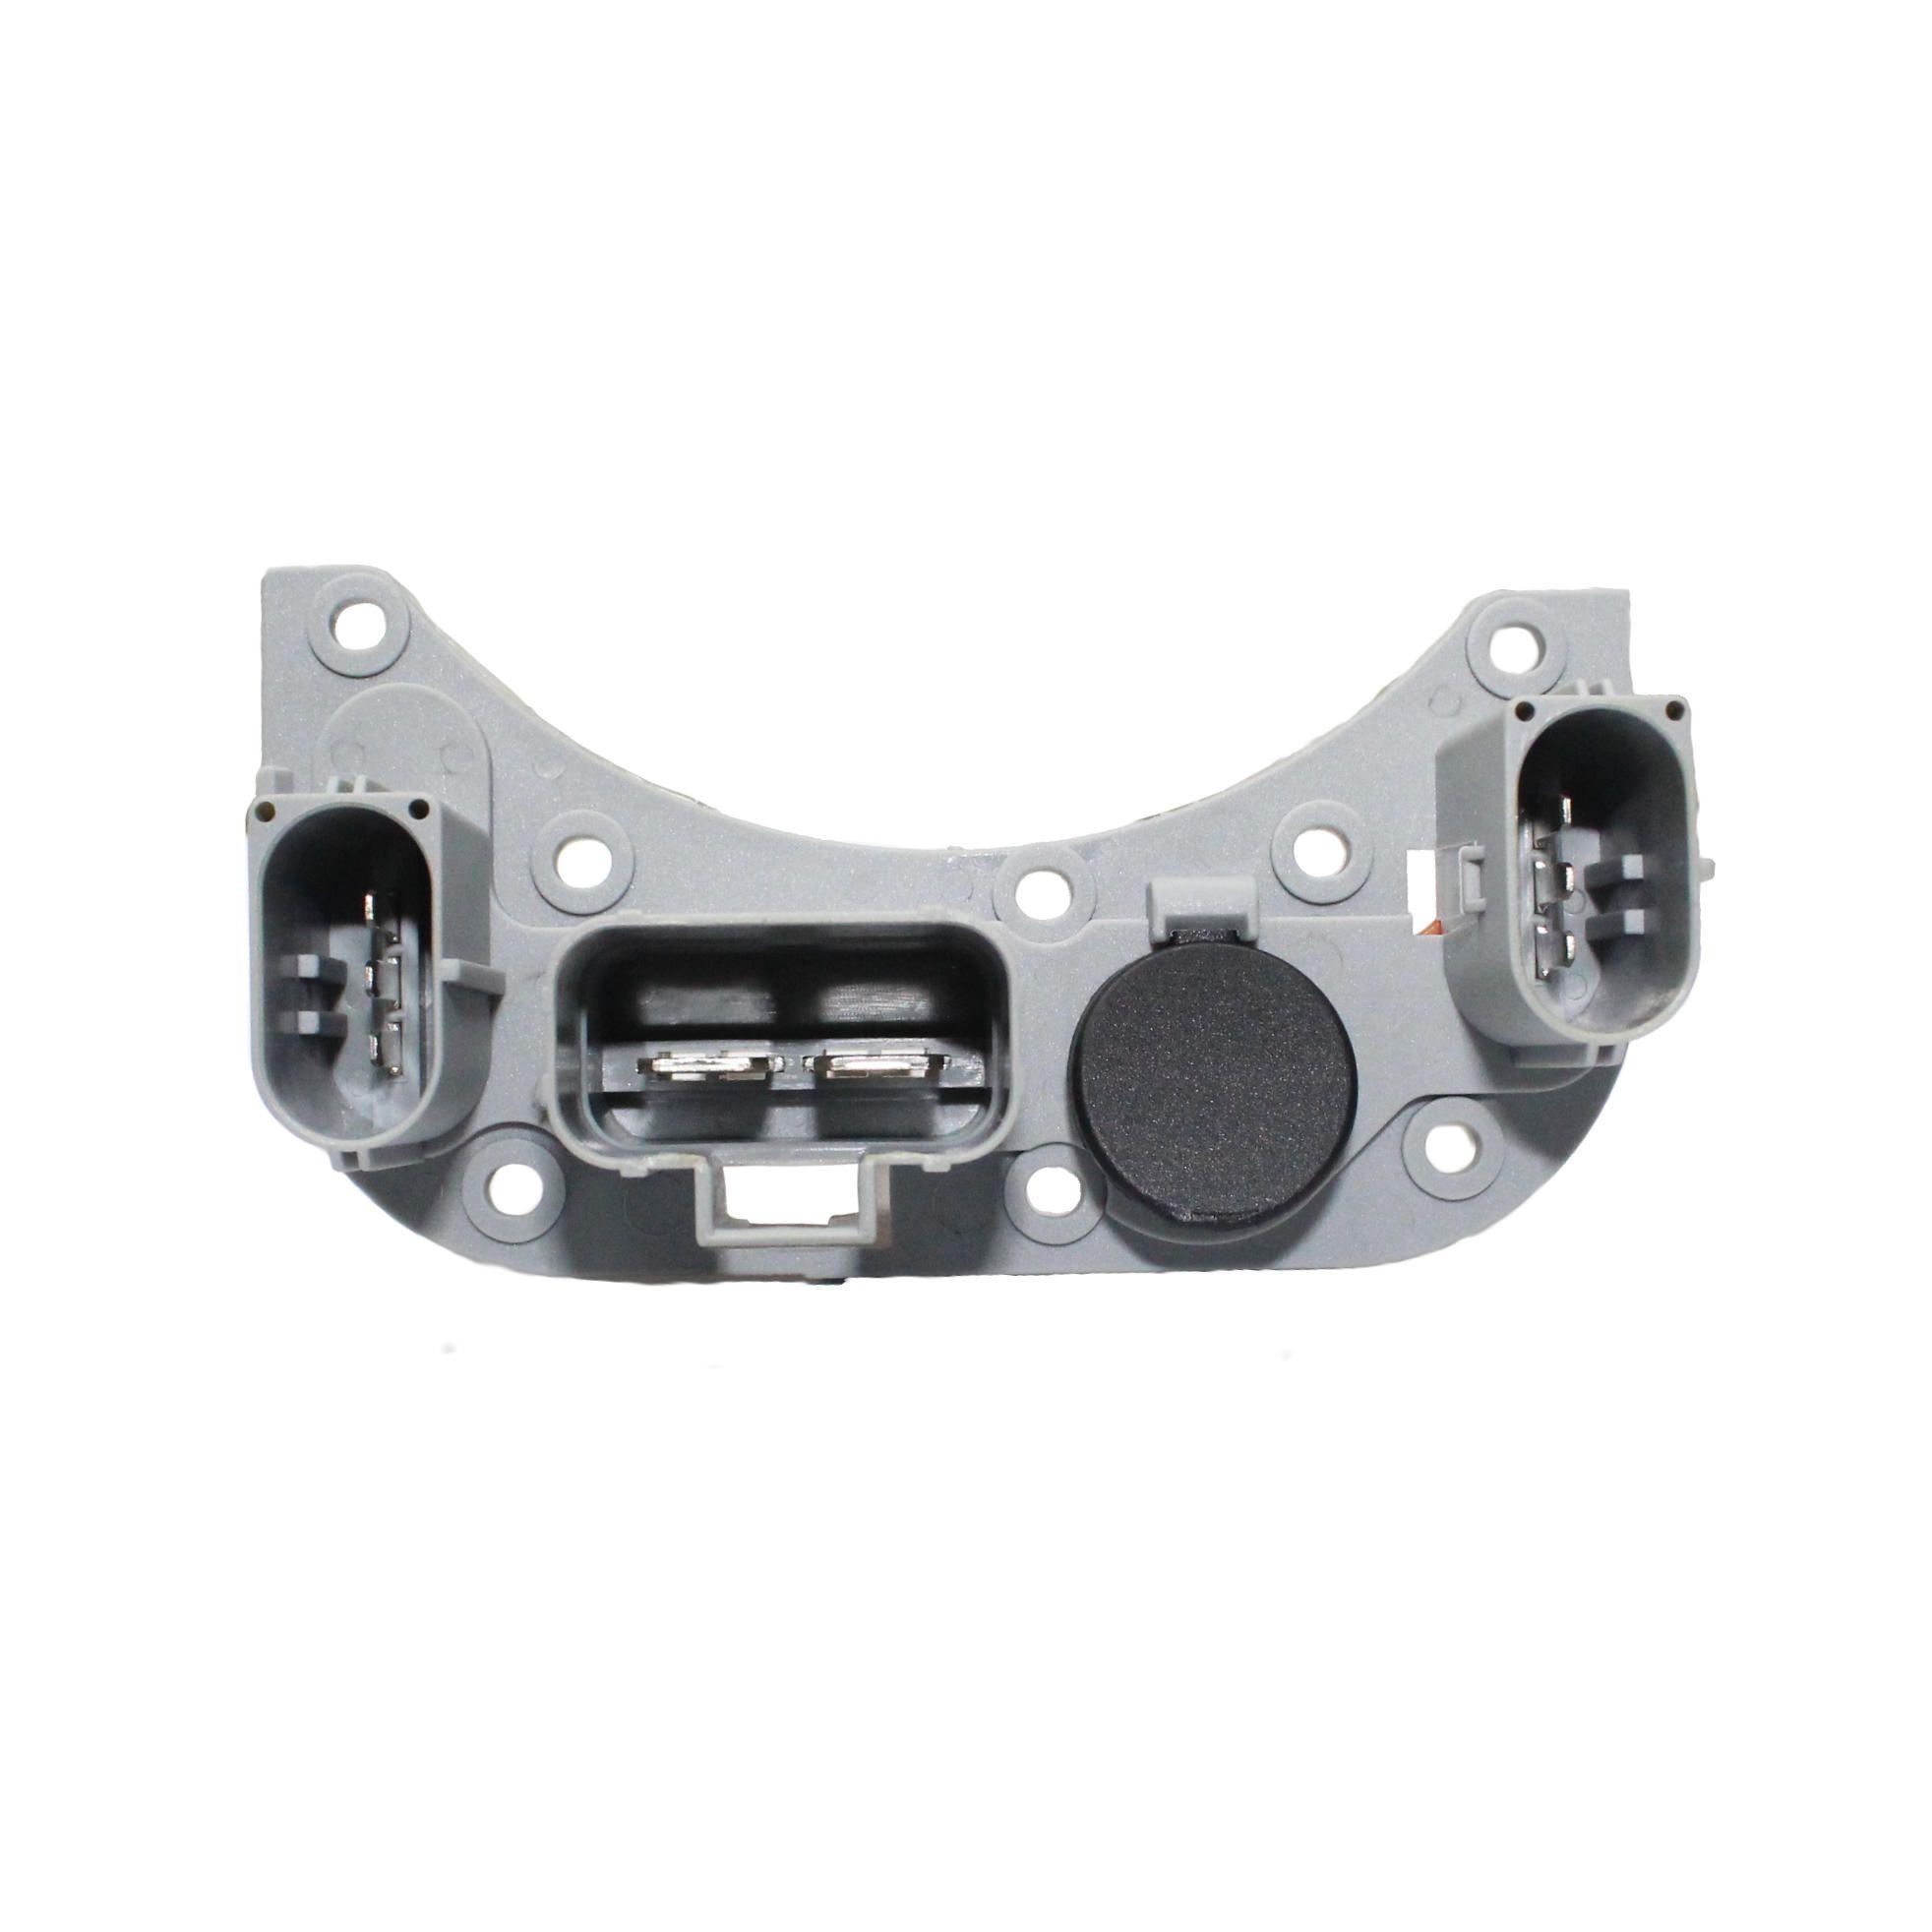 Reservatorio e Plug Bomba Direção Eletro-Hidráulica Ford Focus 2.0